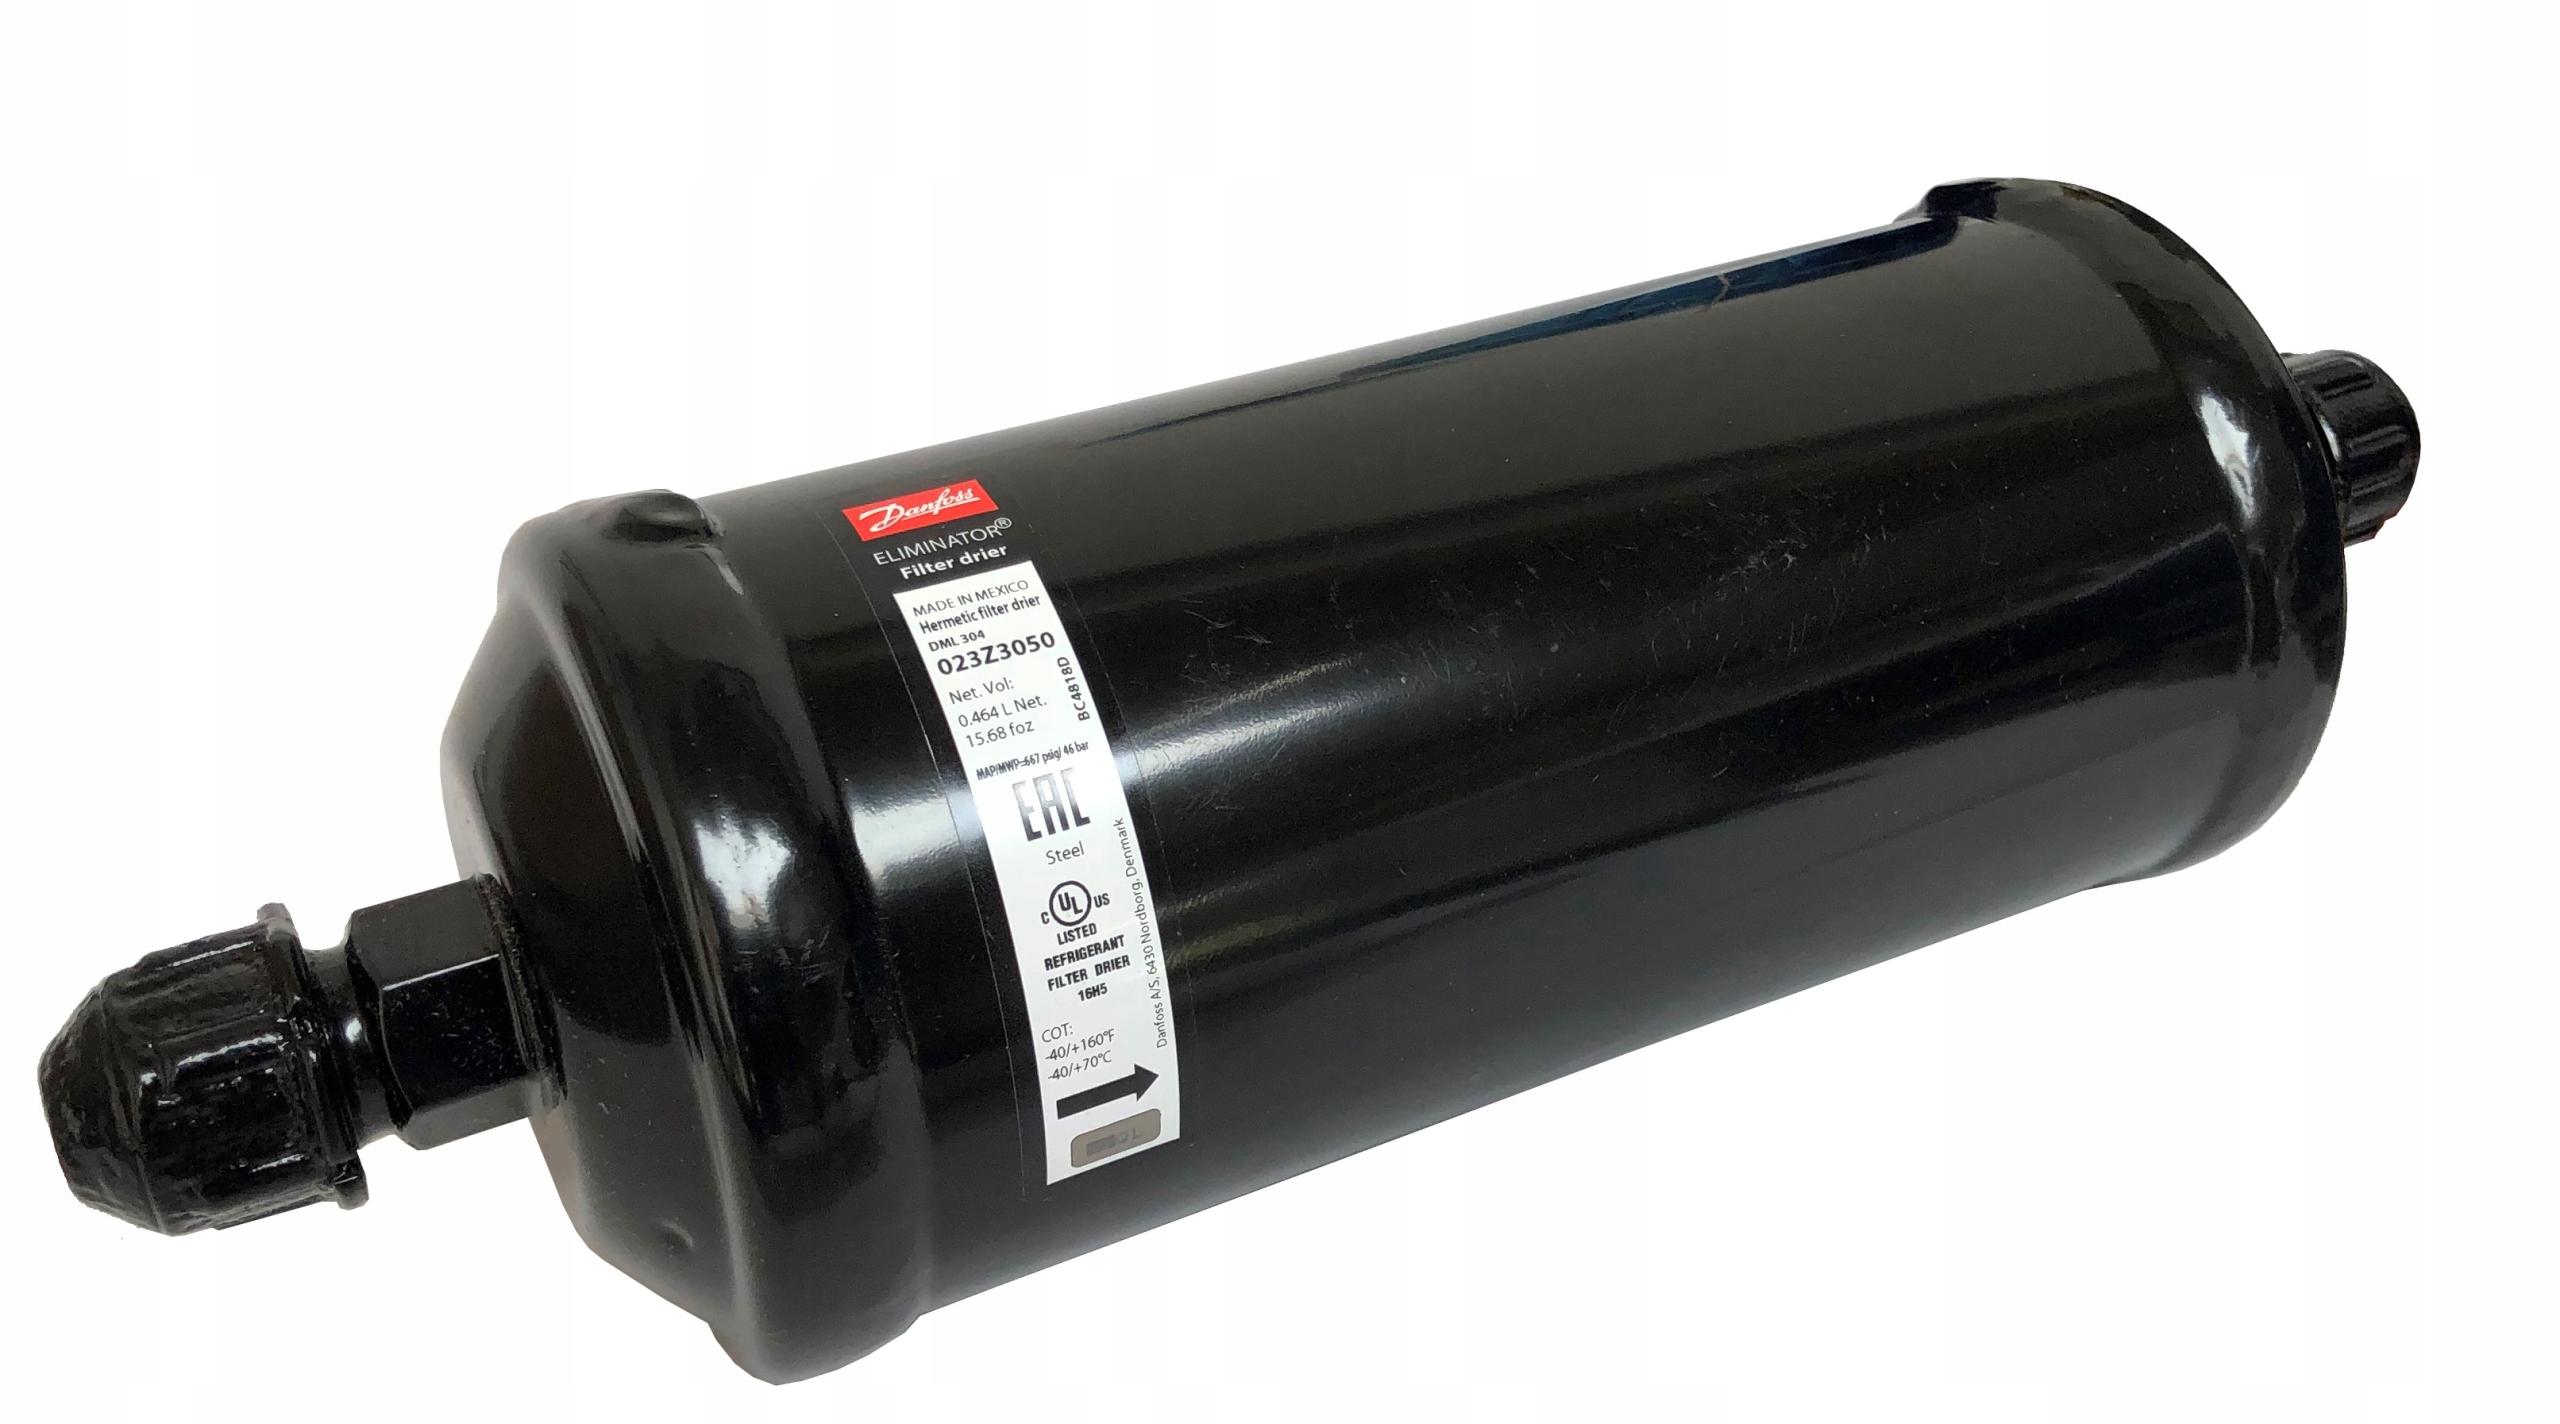 фильтр осушитель danfoss dml304 - 12 12mm 023z0050